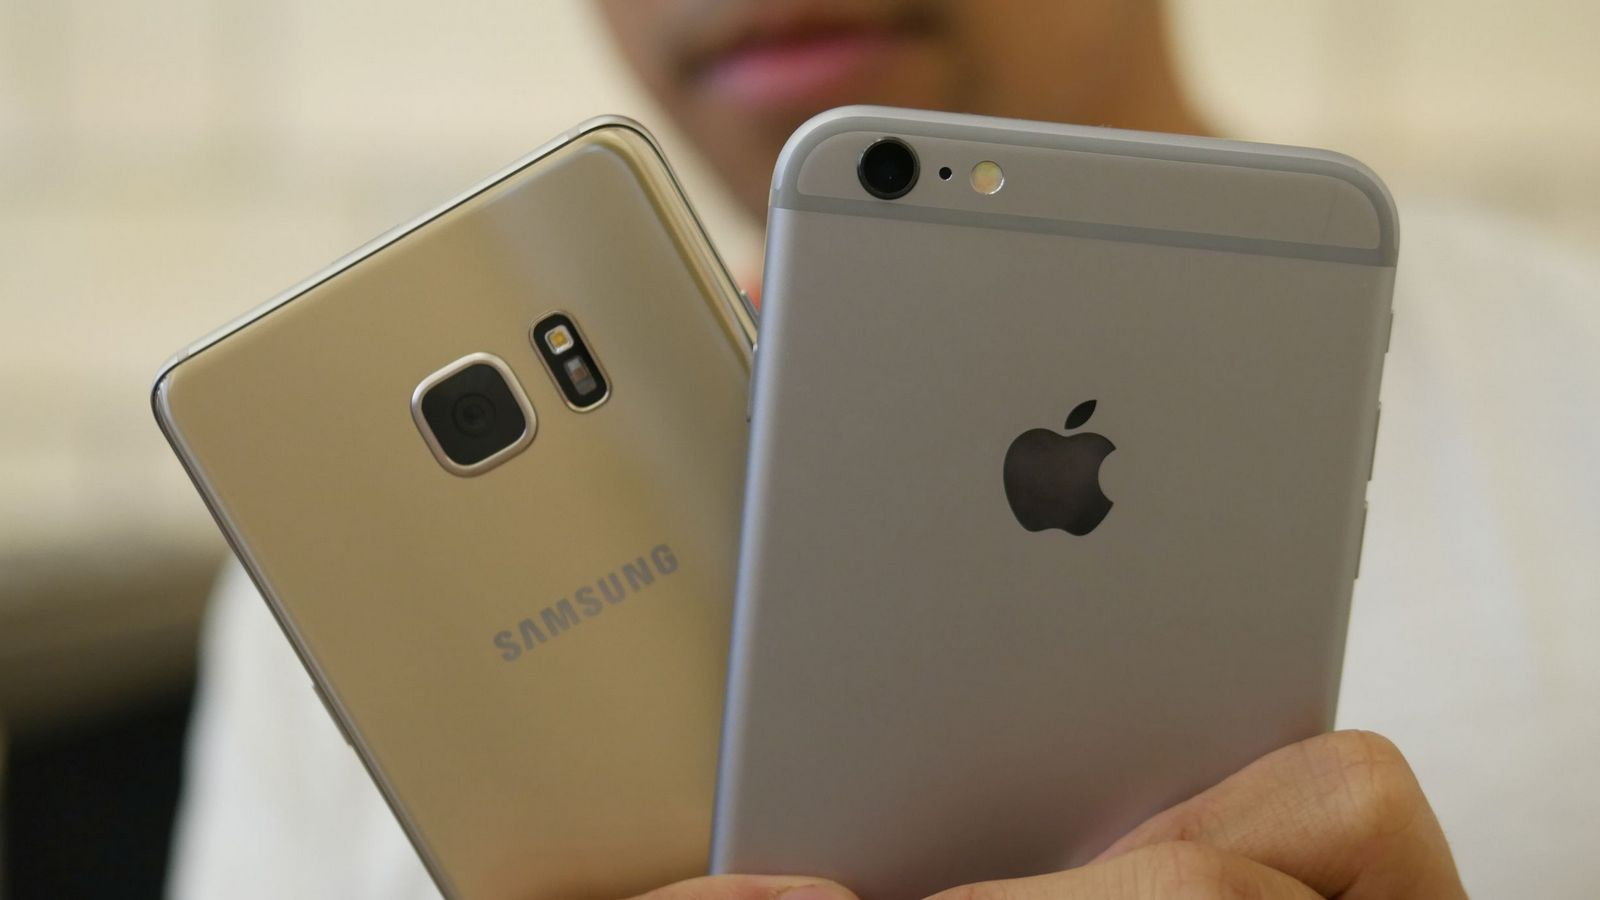 Самсунг возвратила себе лидерство нарынке телефонов — TrendForce